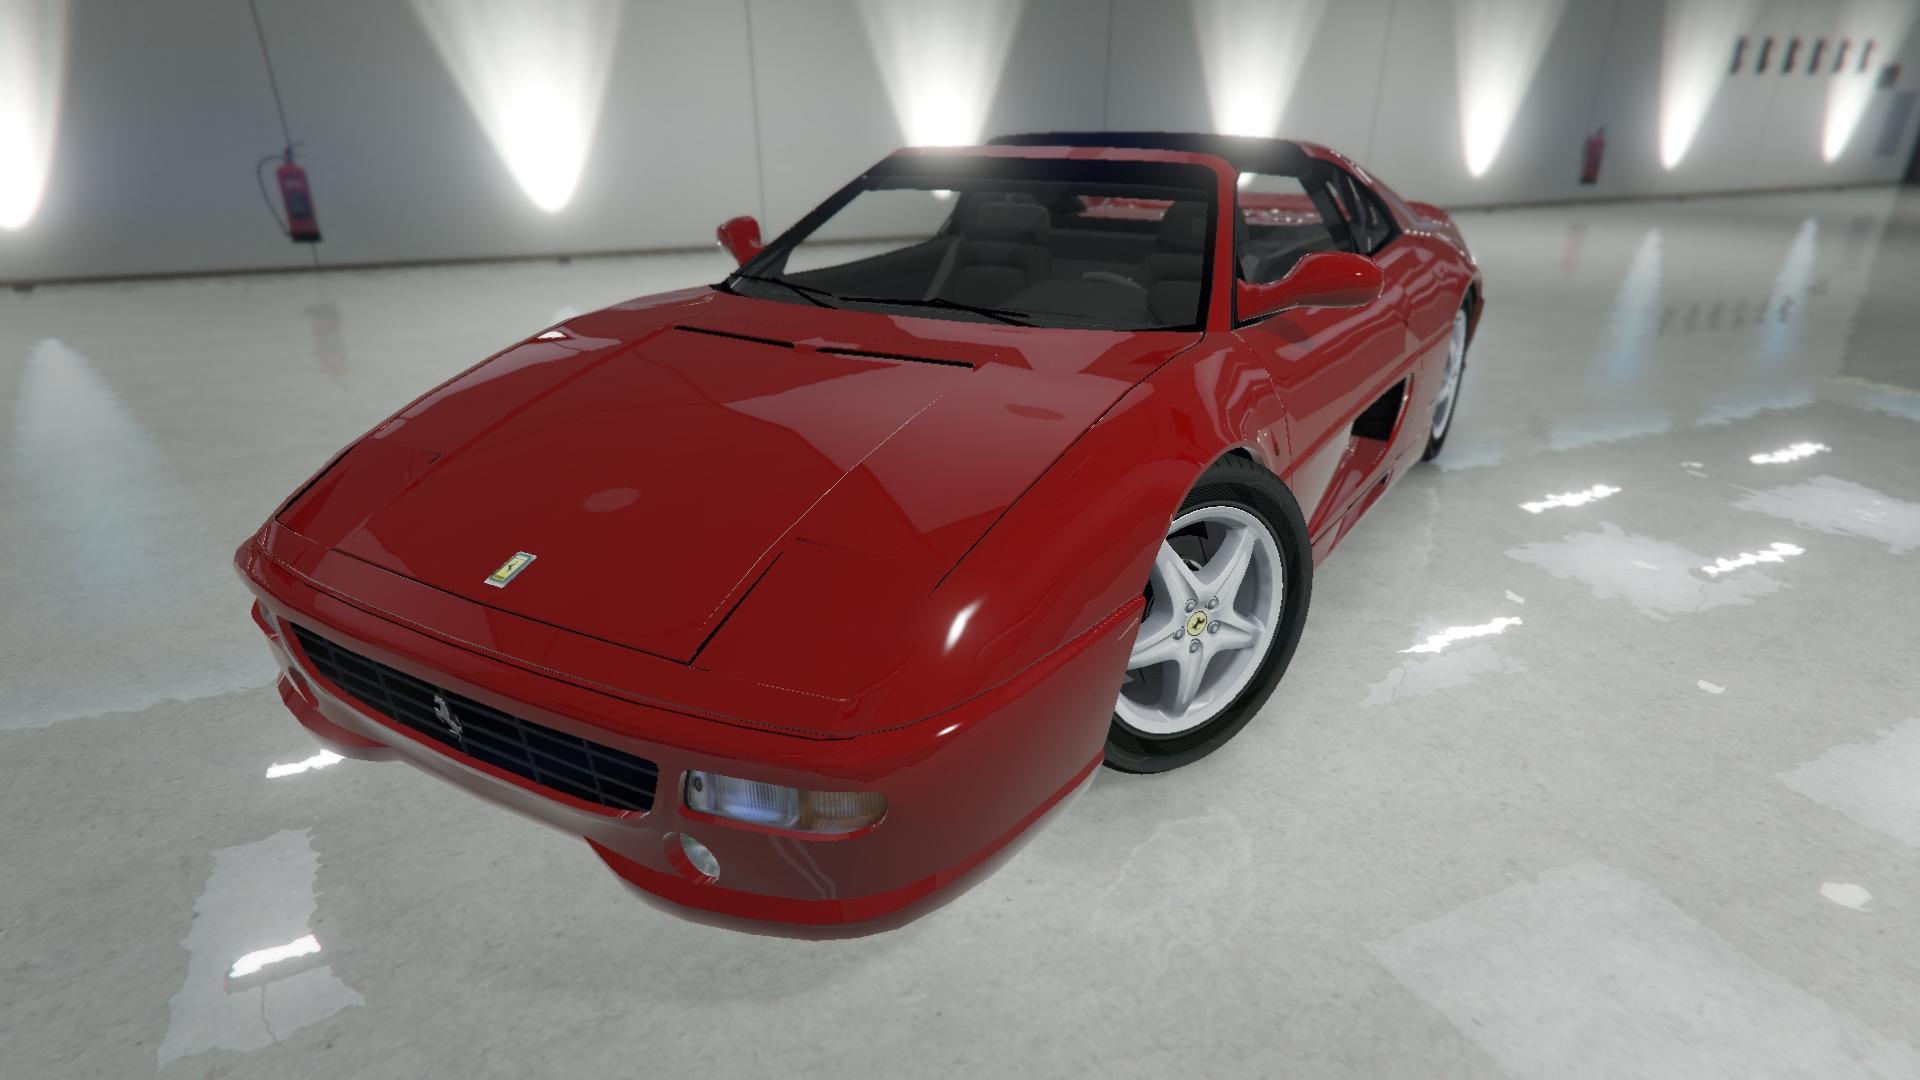 Ferrari F355 F1 Berlinetta Gta5 Mods Com